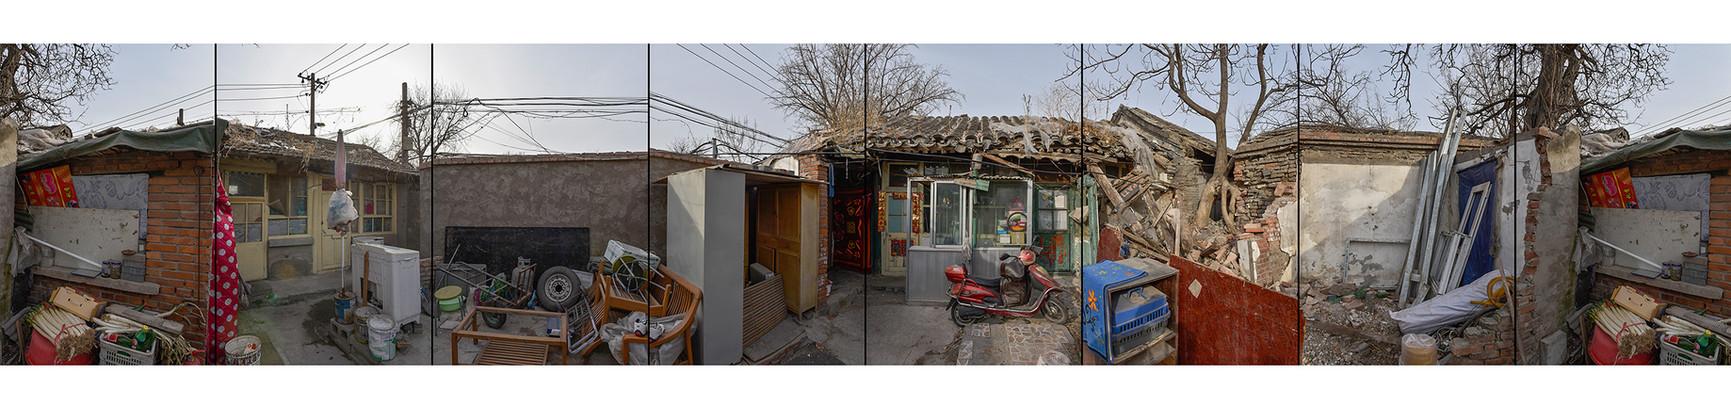 北京废墟01.jpg